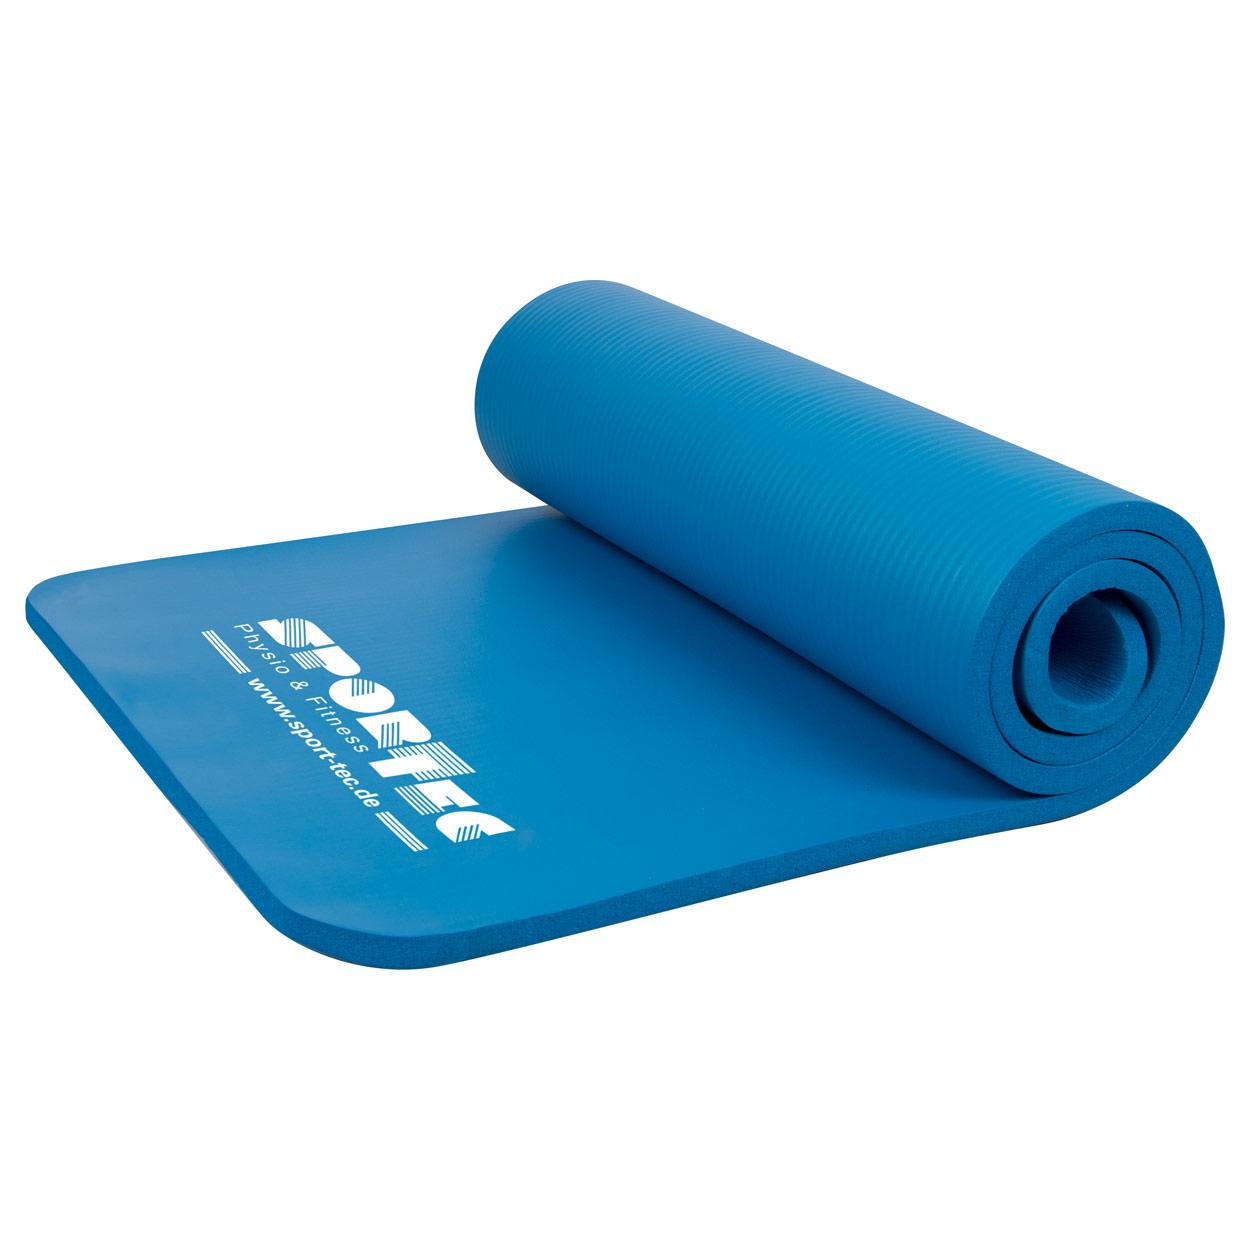 Fitnessmatte Gym Mat SISSEL® Gymnastikmatte 180x60x1 cm Trainingsmatte